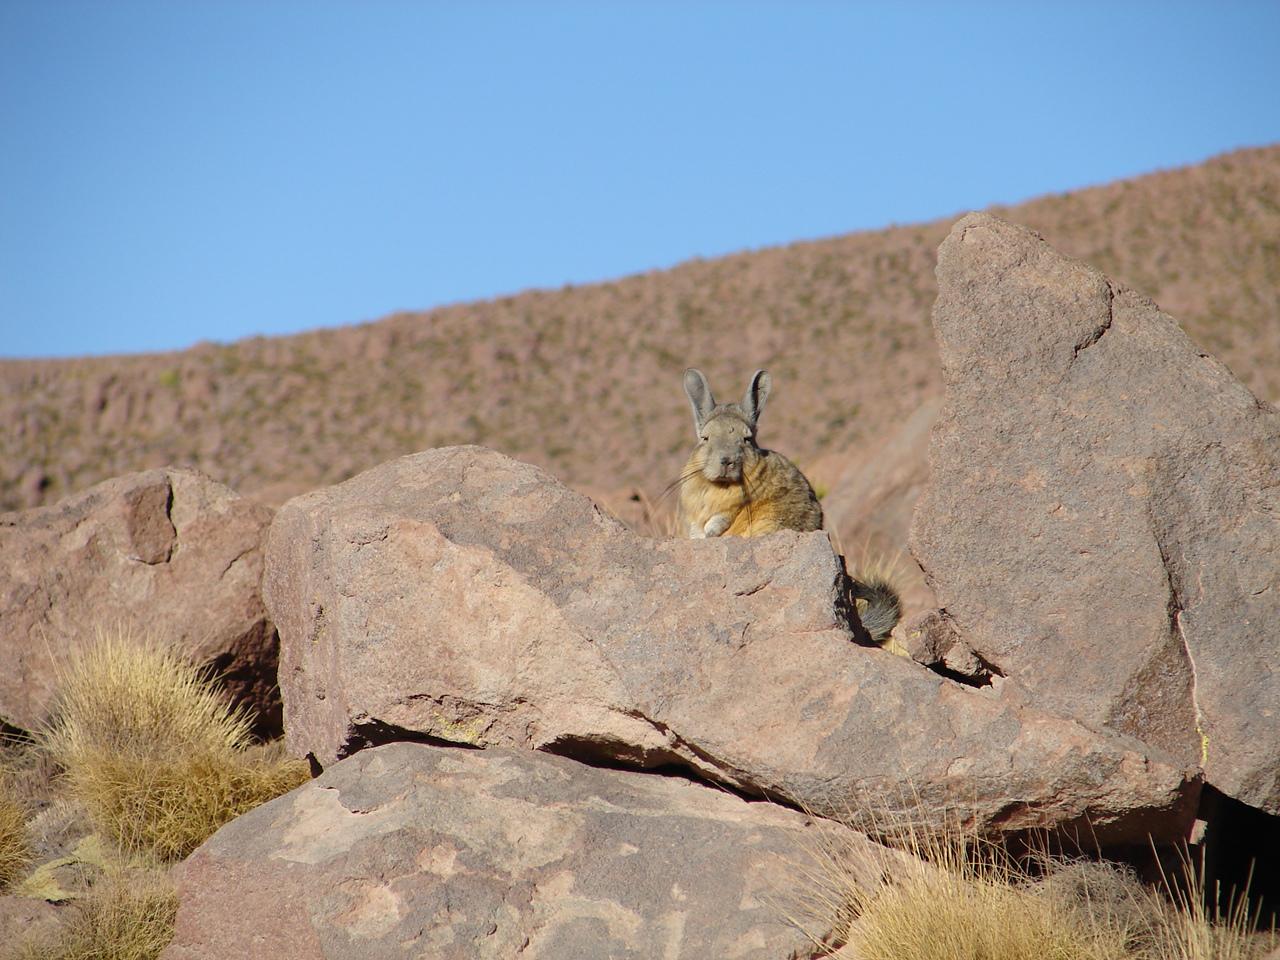 Uma lebre (fofa!) do deserto